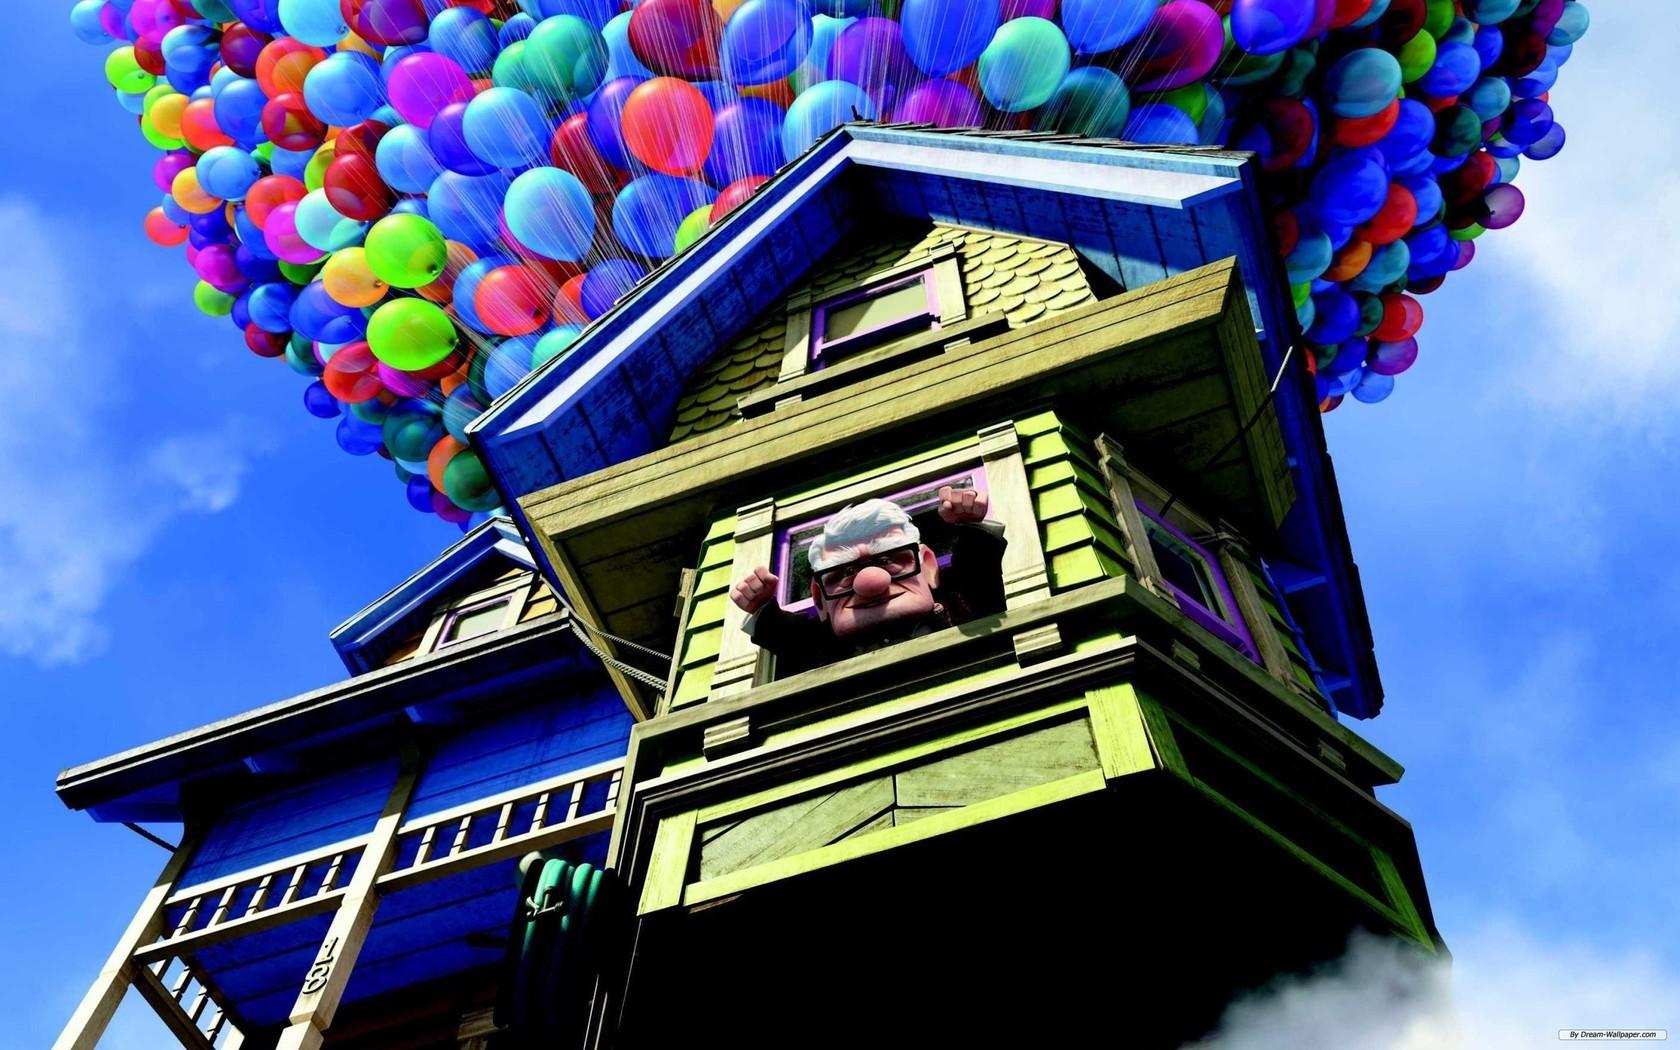 Картинка из фильма вверх дом небо